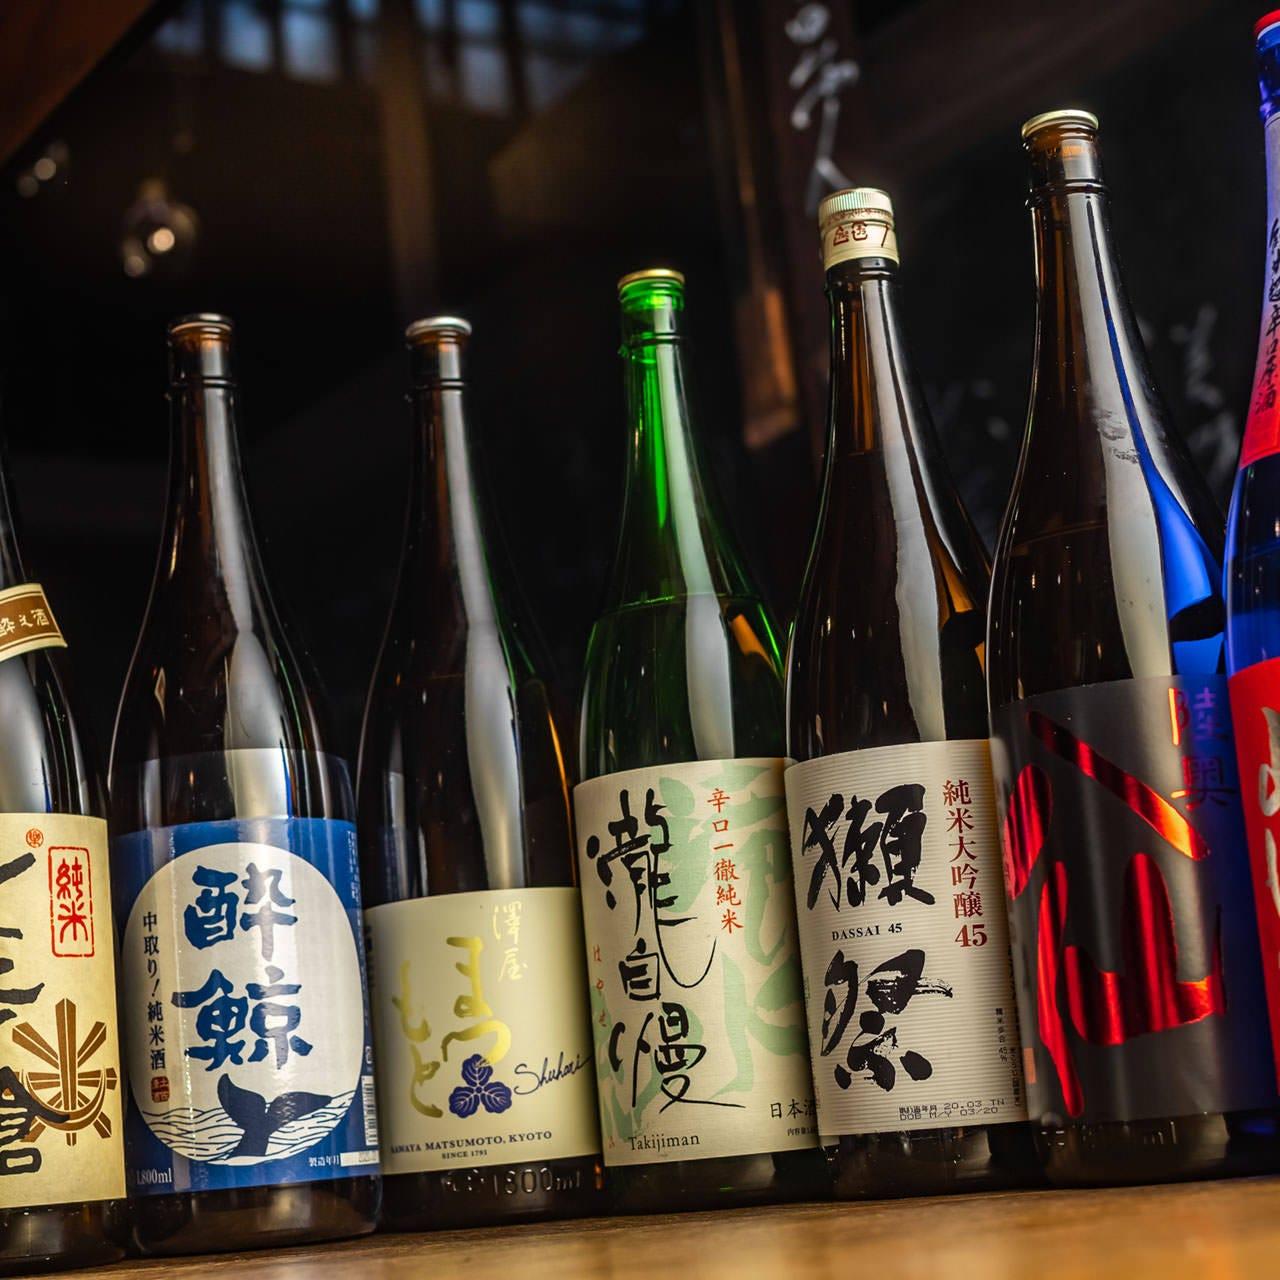 全国各地から取り寄せたこだわりの日本酒がおすすめです